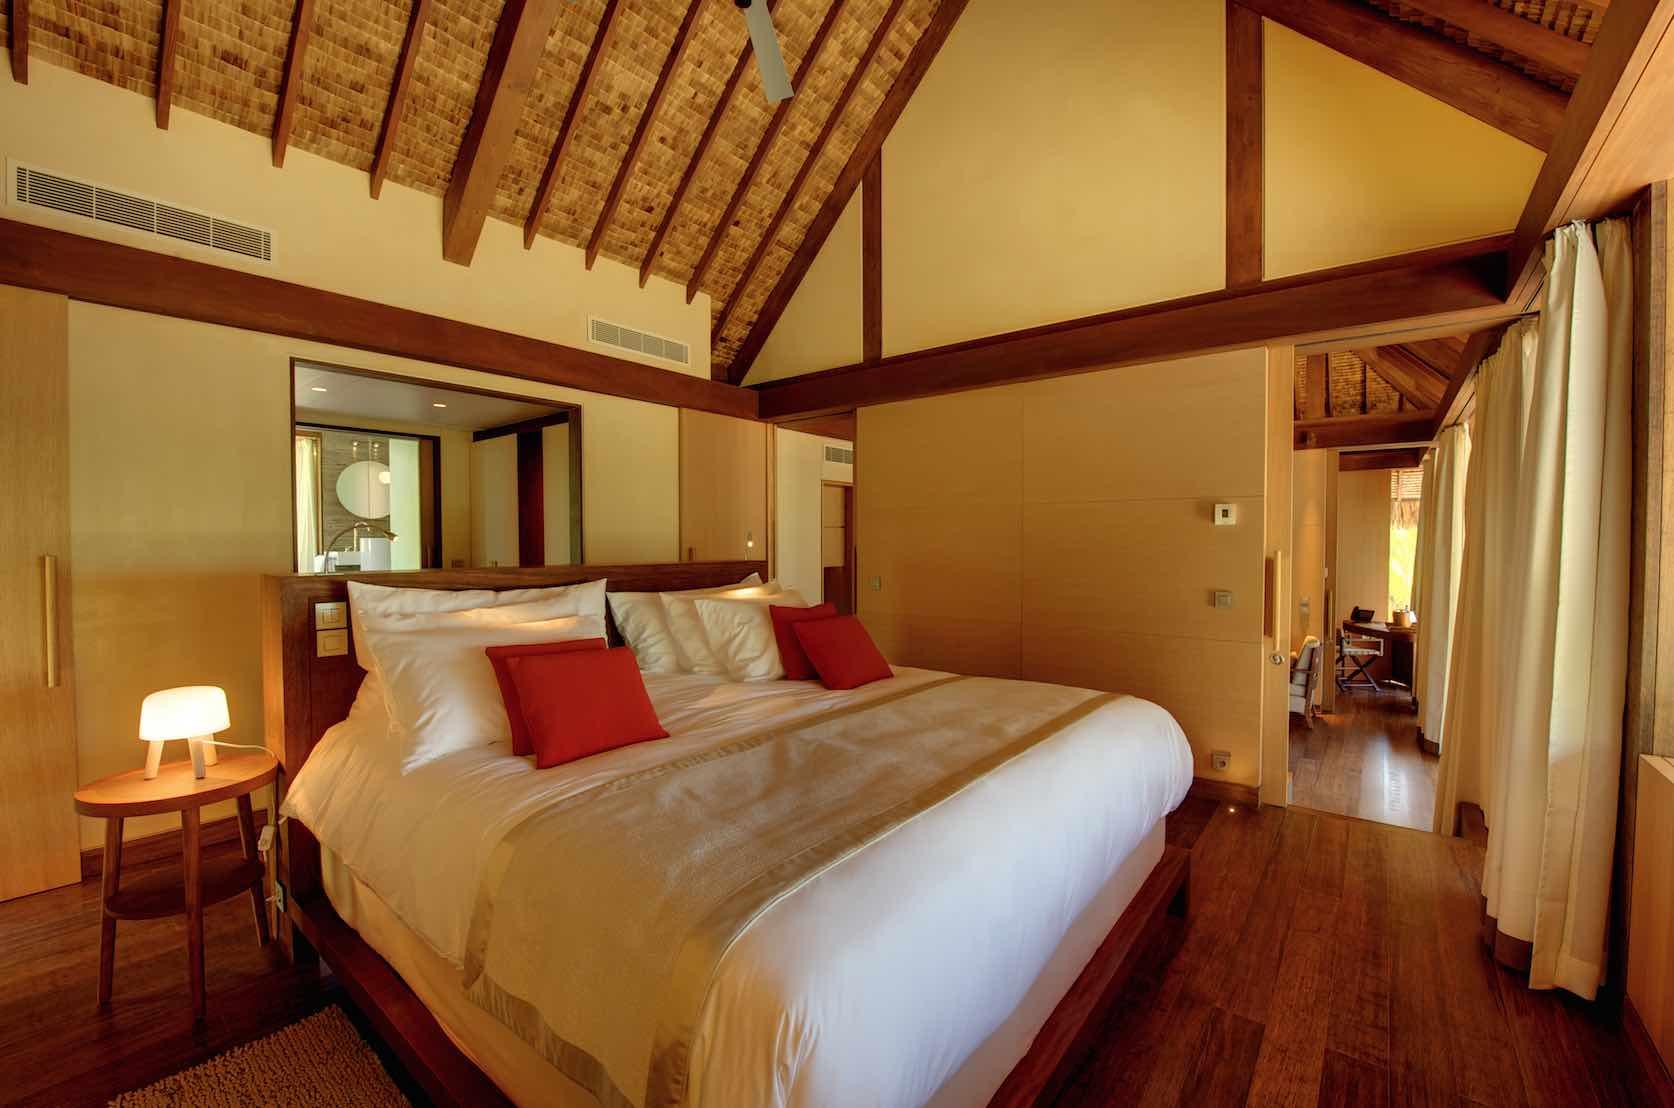 The Brando - A Perfect Hotel View in Bora Bora6.jpg